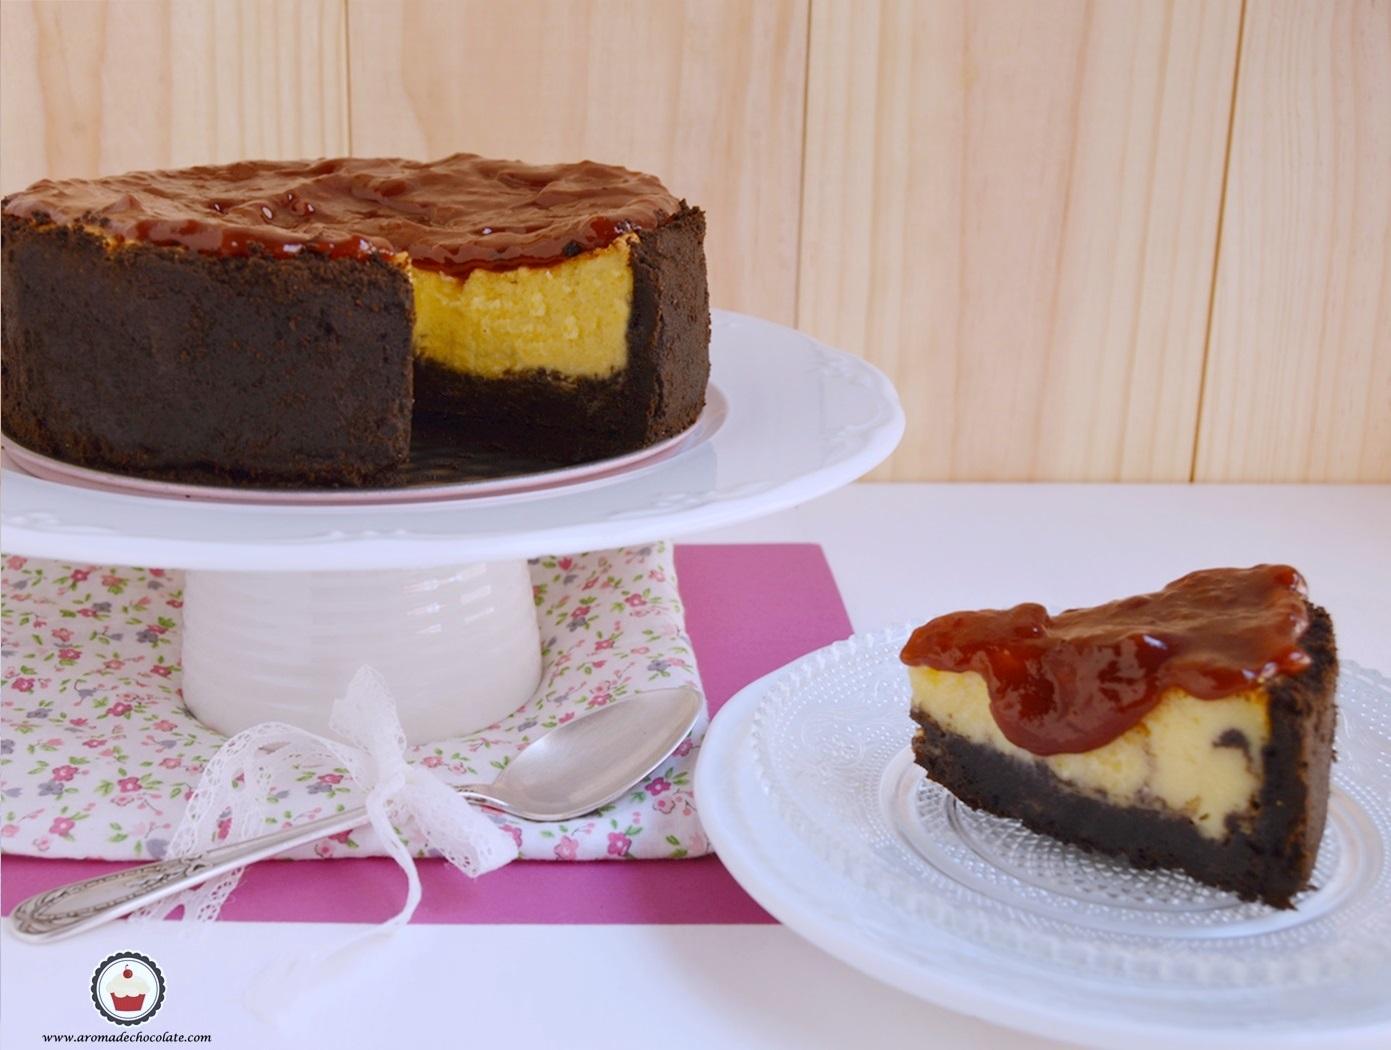 Cheesecake de naranja y Chocolate con cobertura de frambuesa. Aroma de chocolate